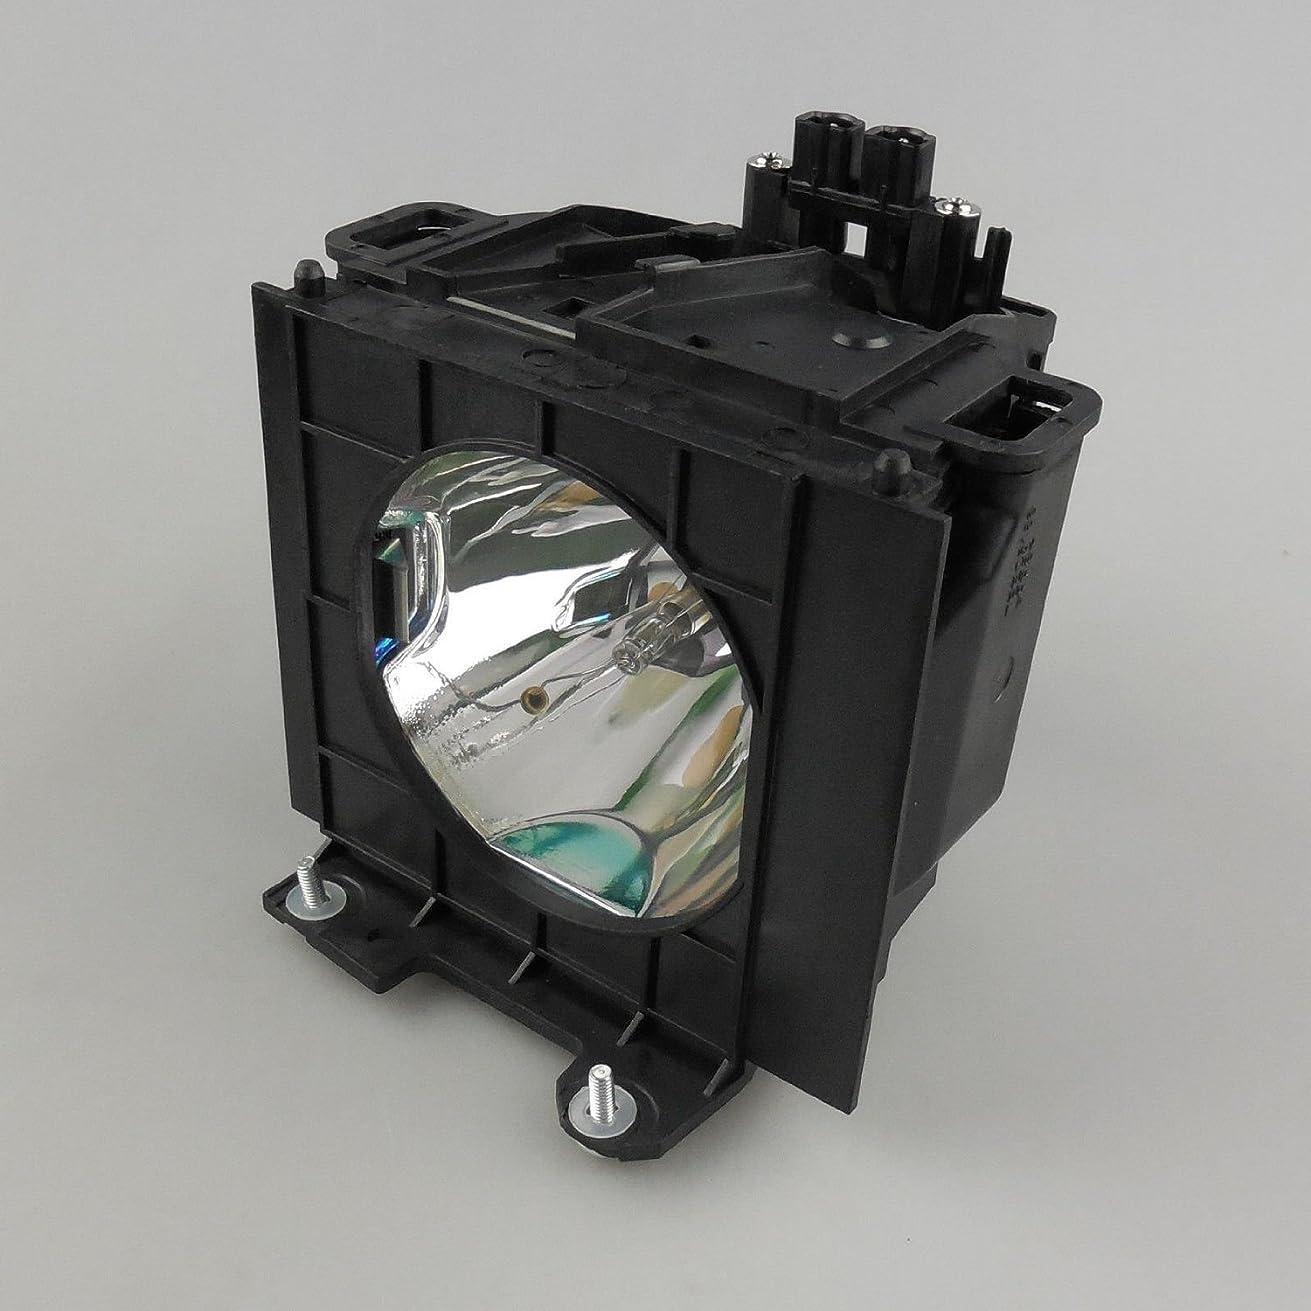 結び目消費者マーチャンダイザーHFY marbull PT-D3500 / PT-D3500U用 プロジェクターランプ ET-LAD35 純正品ランプ+汎用ケース Panasonic